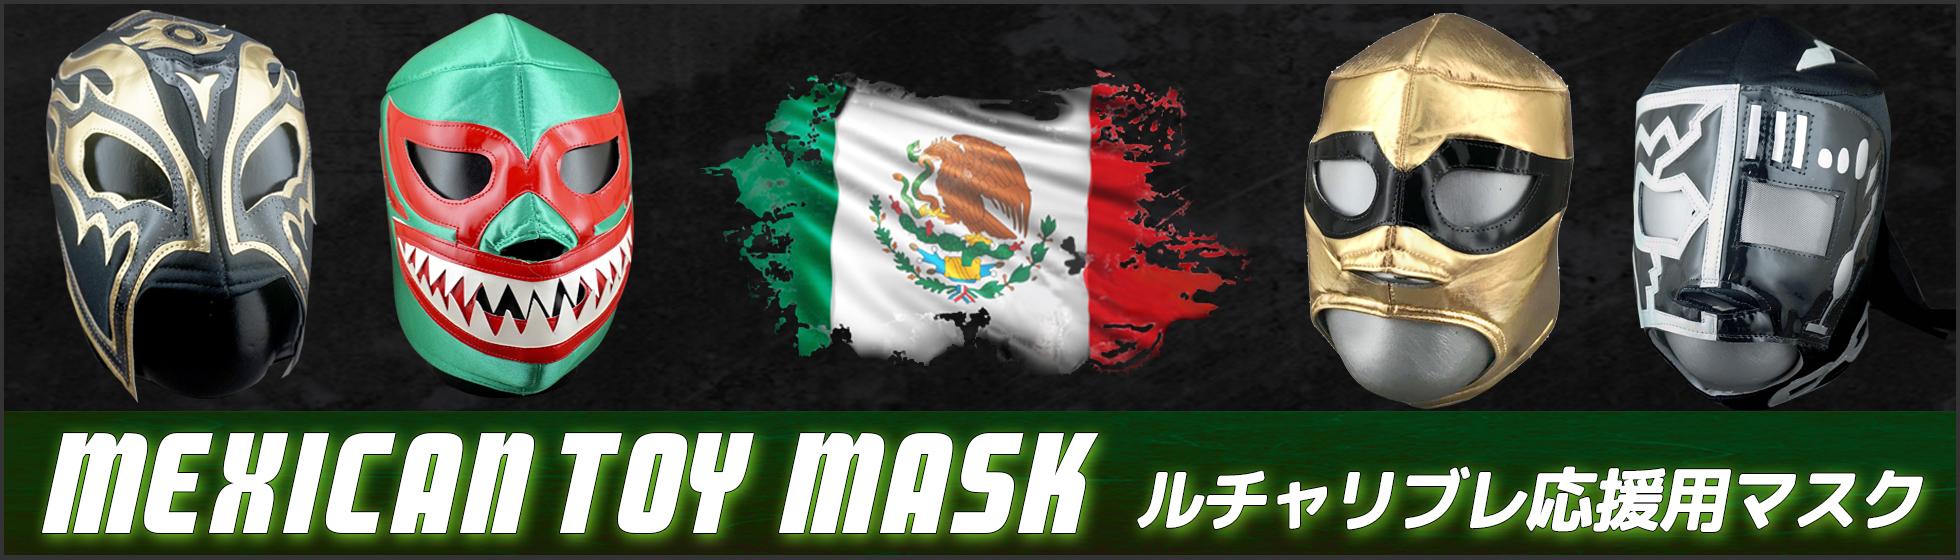 応援用マスク